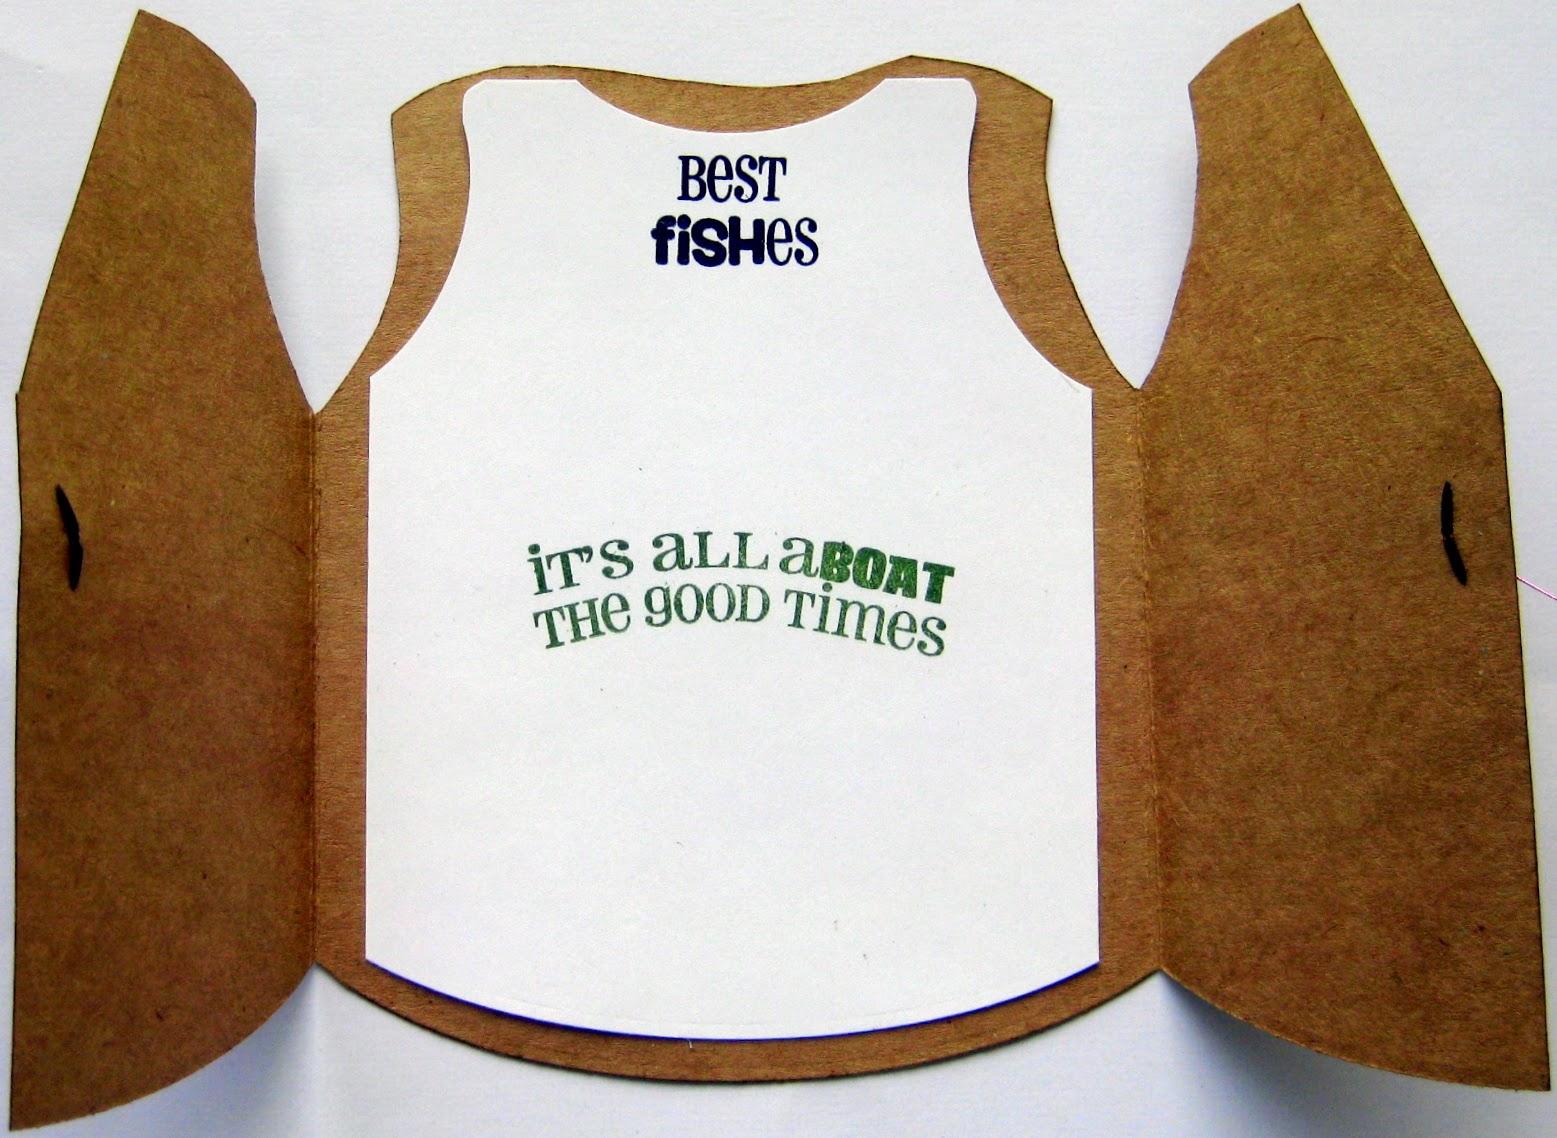 karen s kreative kards guy s fishing vest card